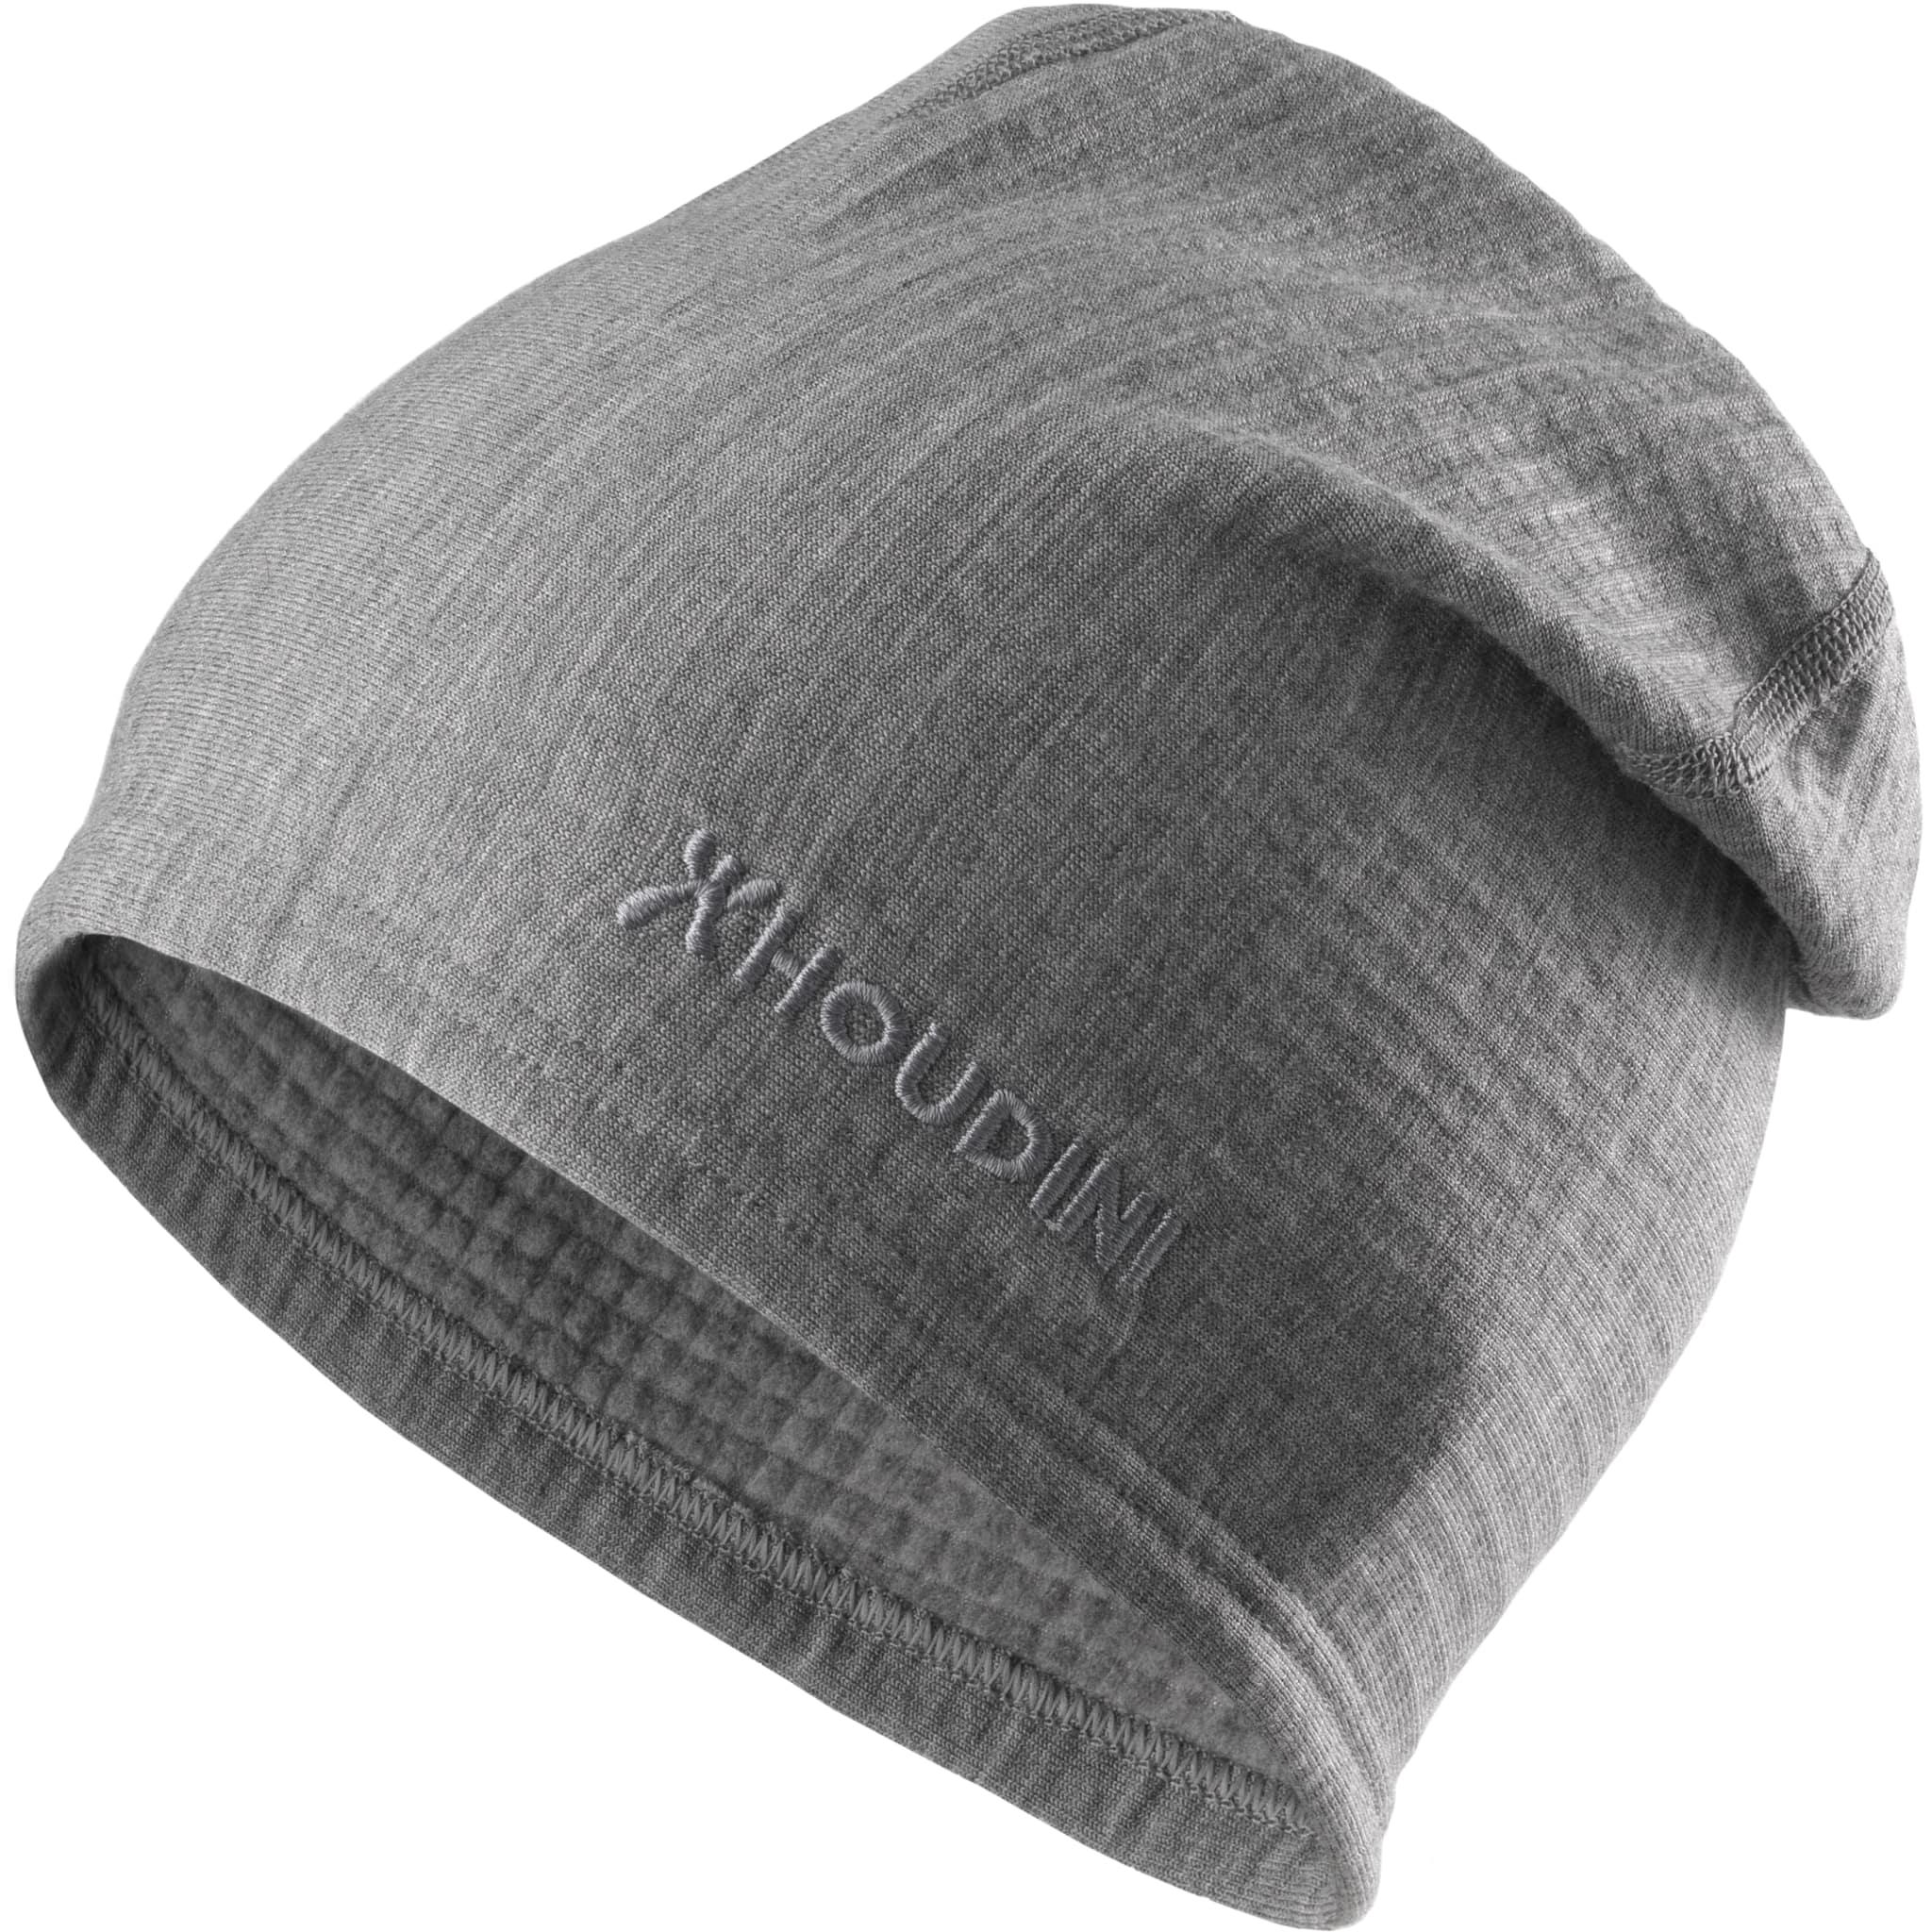 Wooler Top Hat